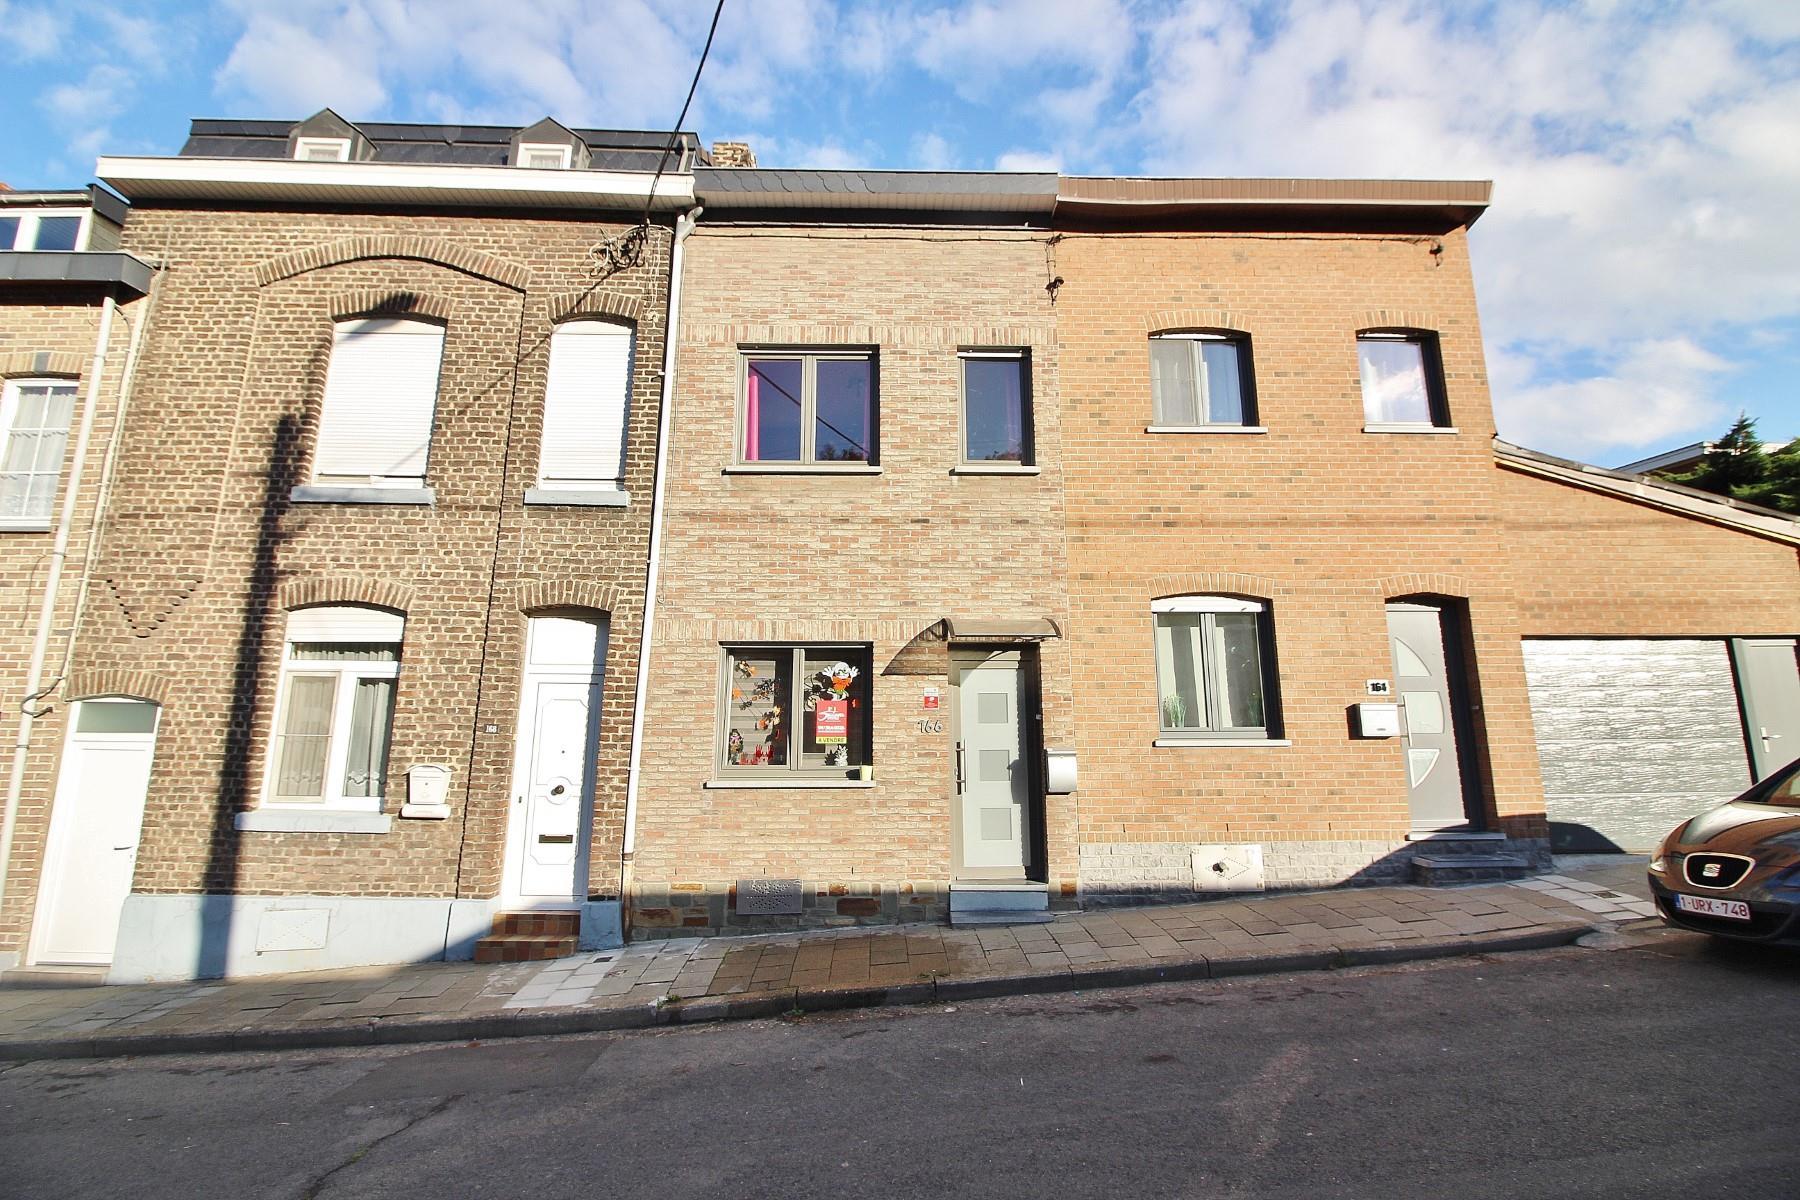 Maison - Seraing Jemeppe-sur-Meuse - #3615686-24